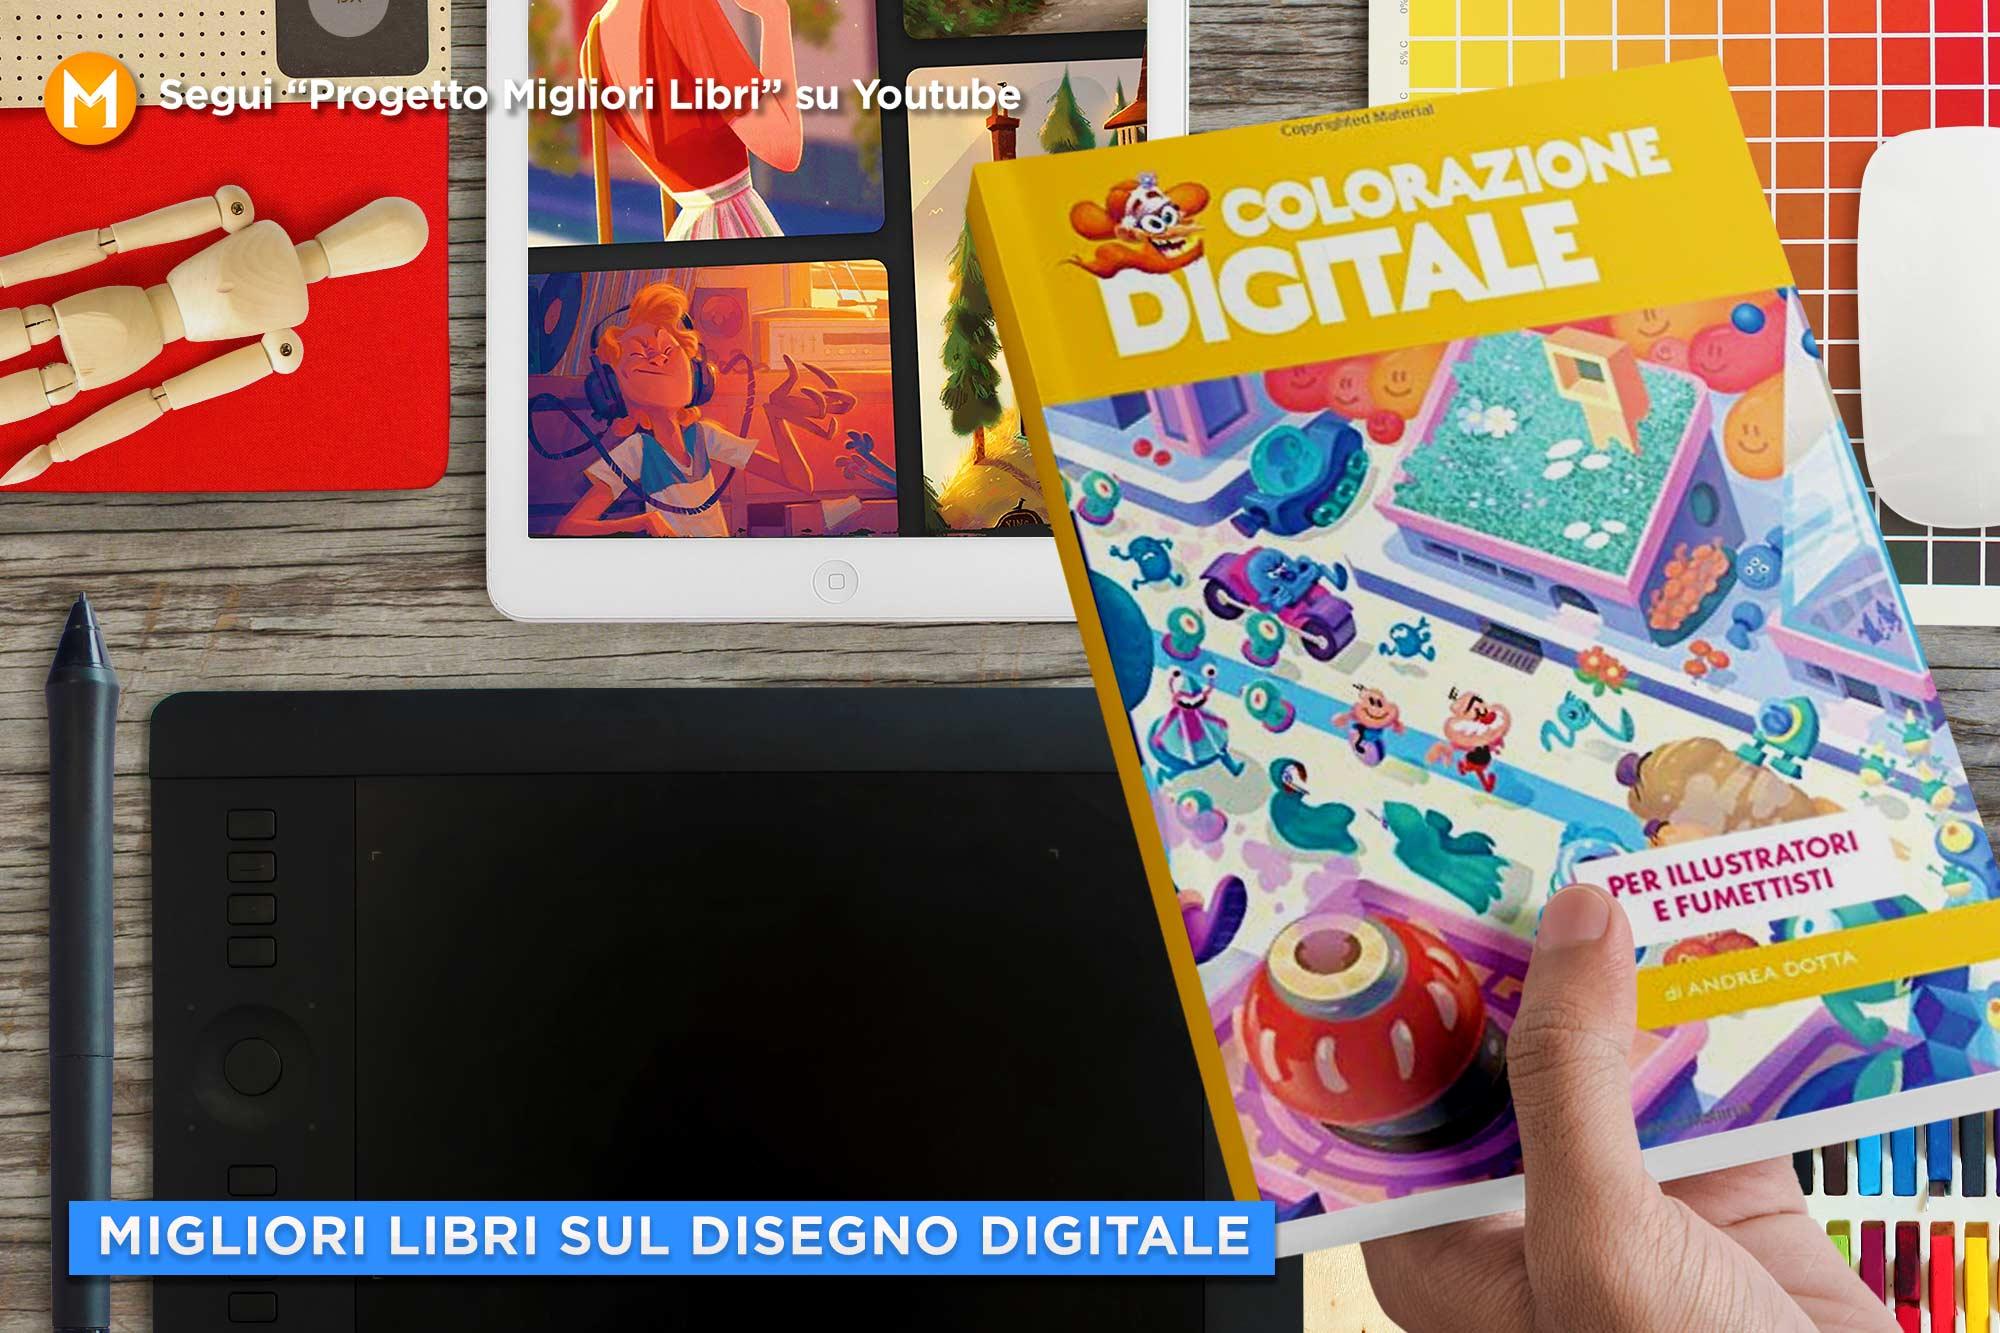 migliori-libri-sul-disegno-digitale